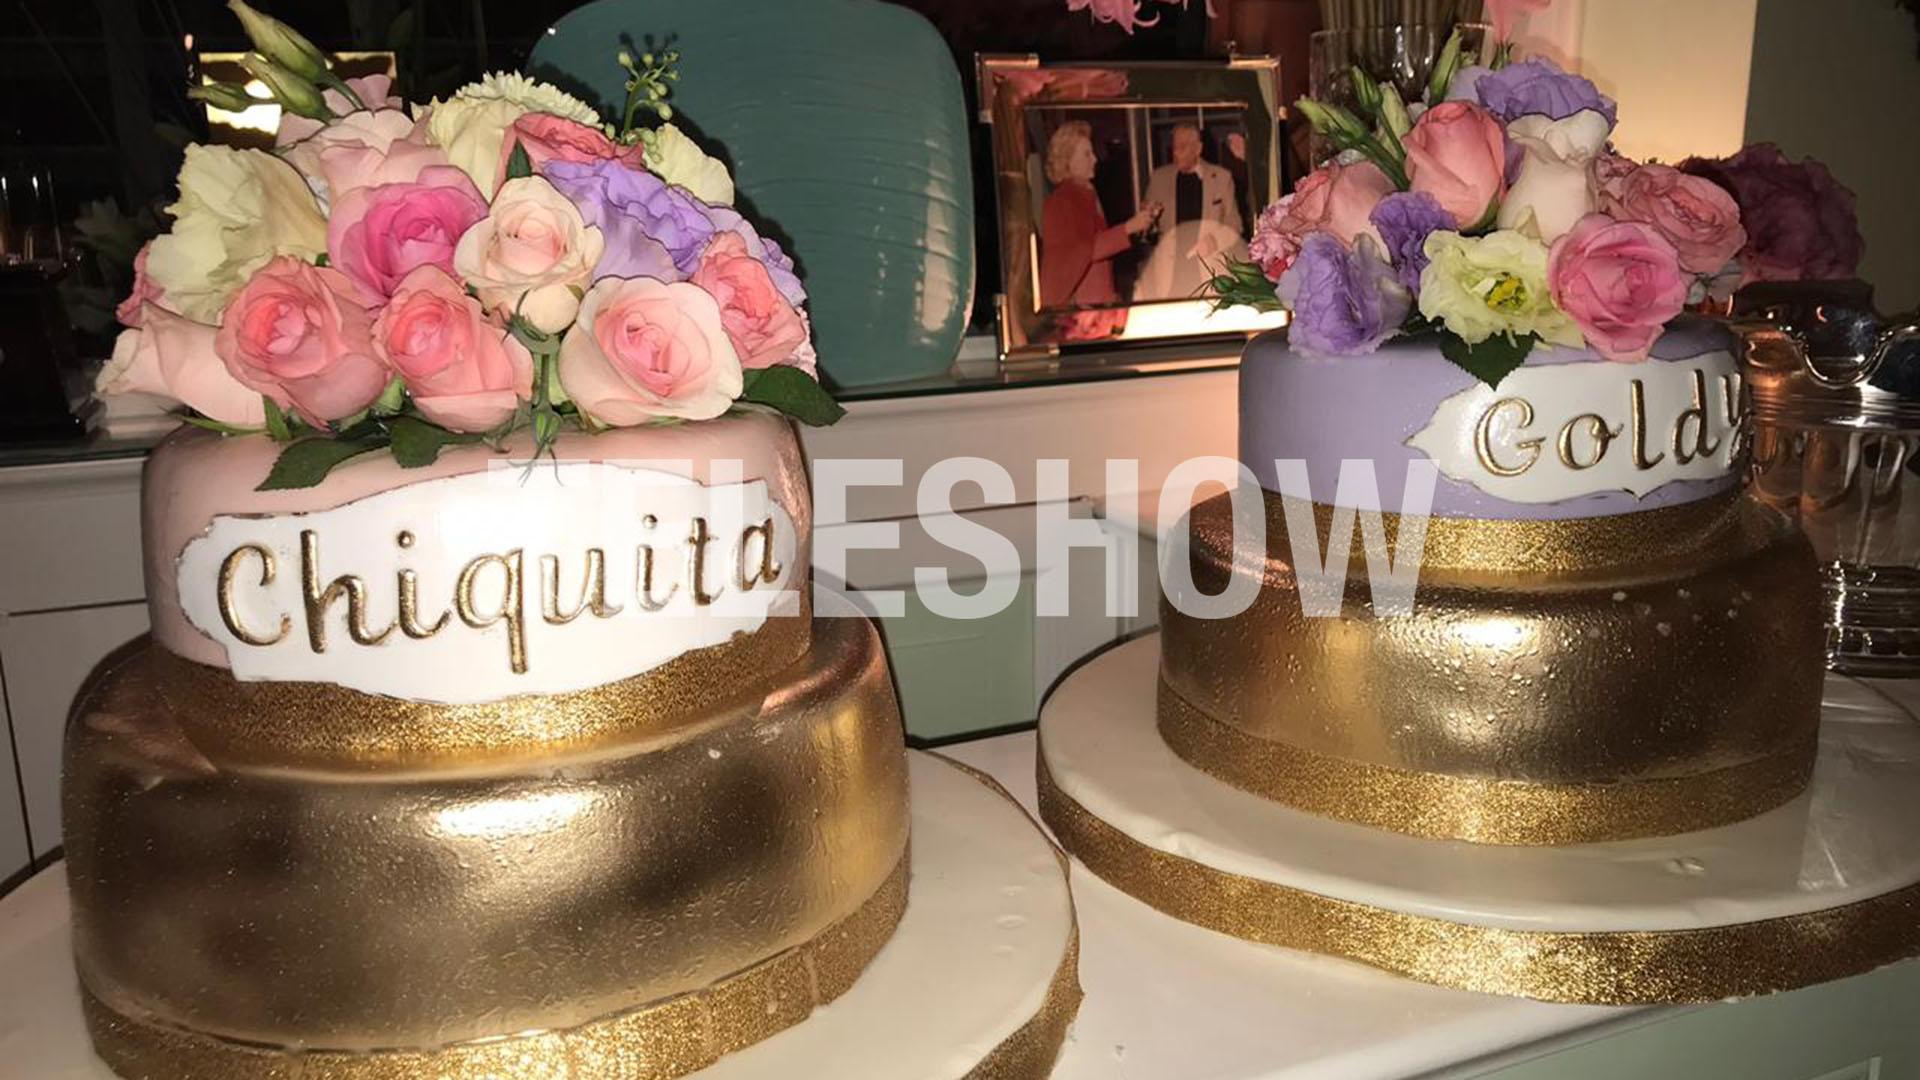 """Las tortas dedicadas a """"Chiquita"""" y a su hermana gemela, """"Goldie"""" (Fotos: Christian Bochichio y Verónica Guerman)"""